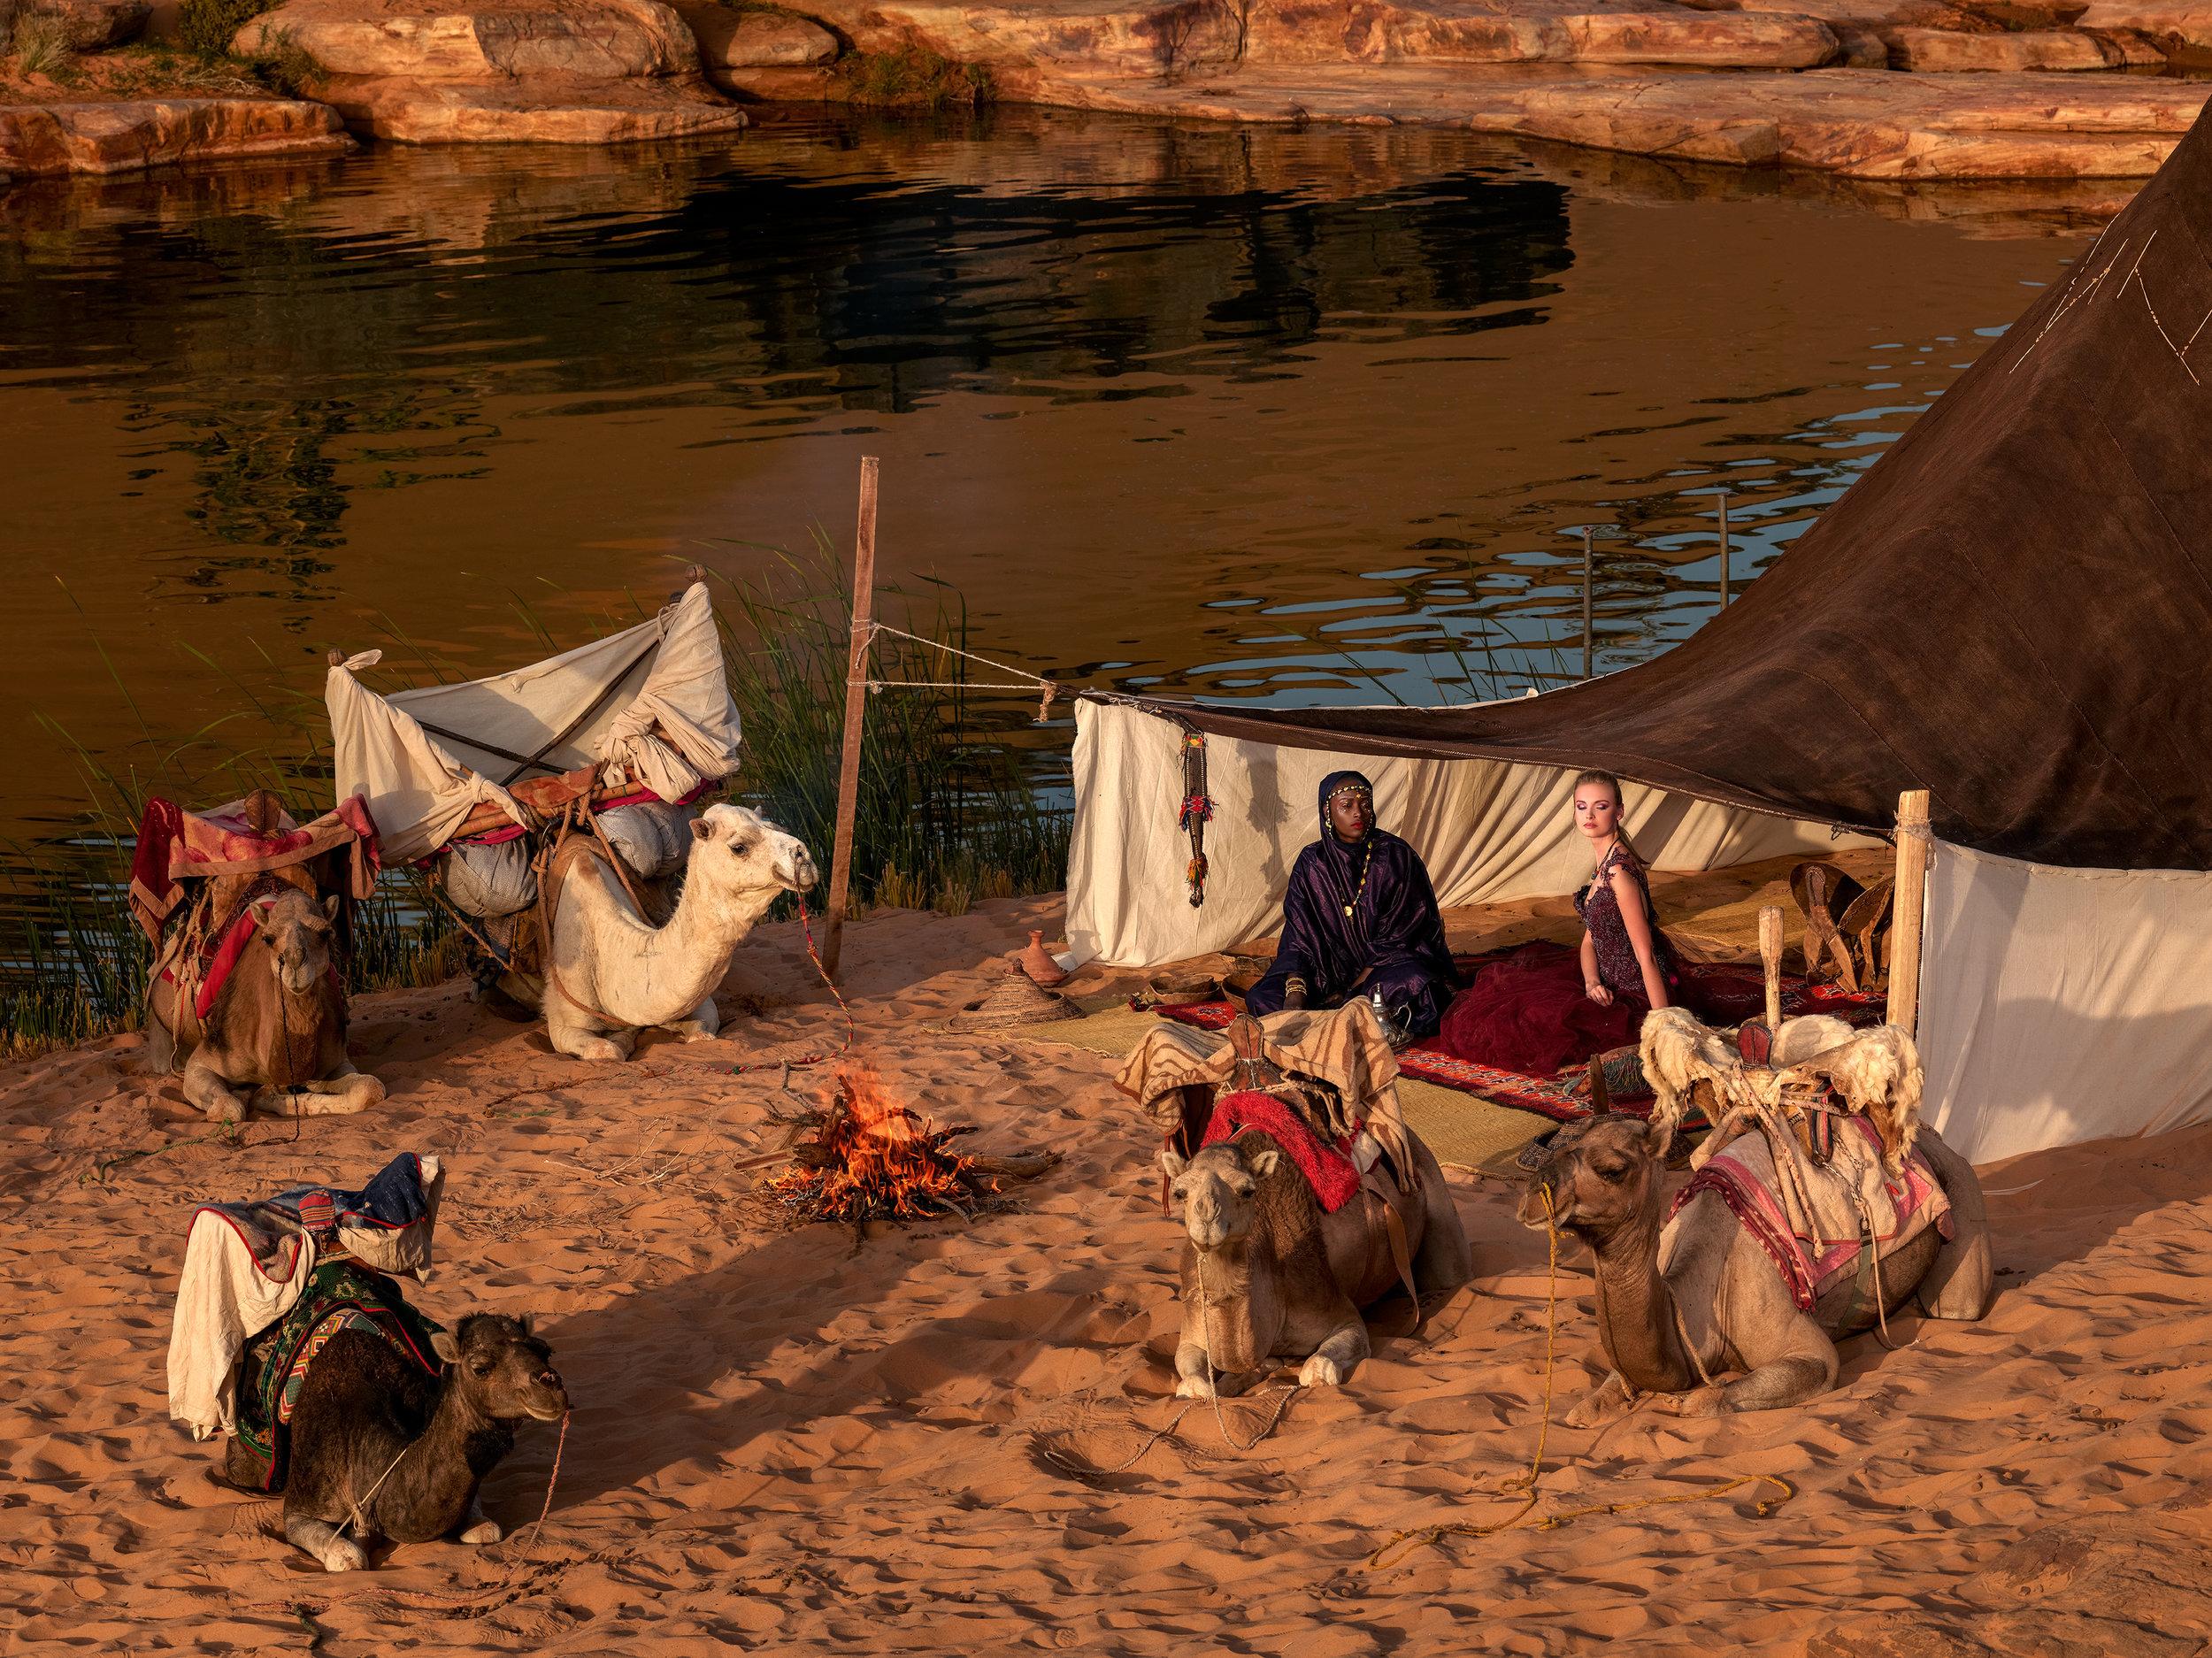 moja_mauritania_004.jpg